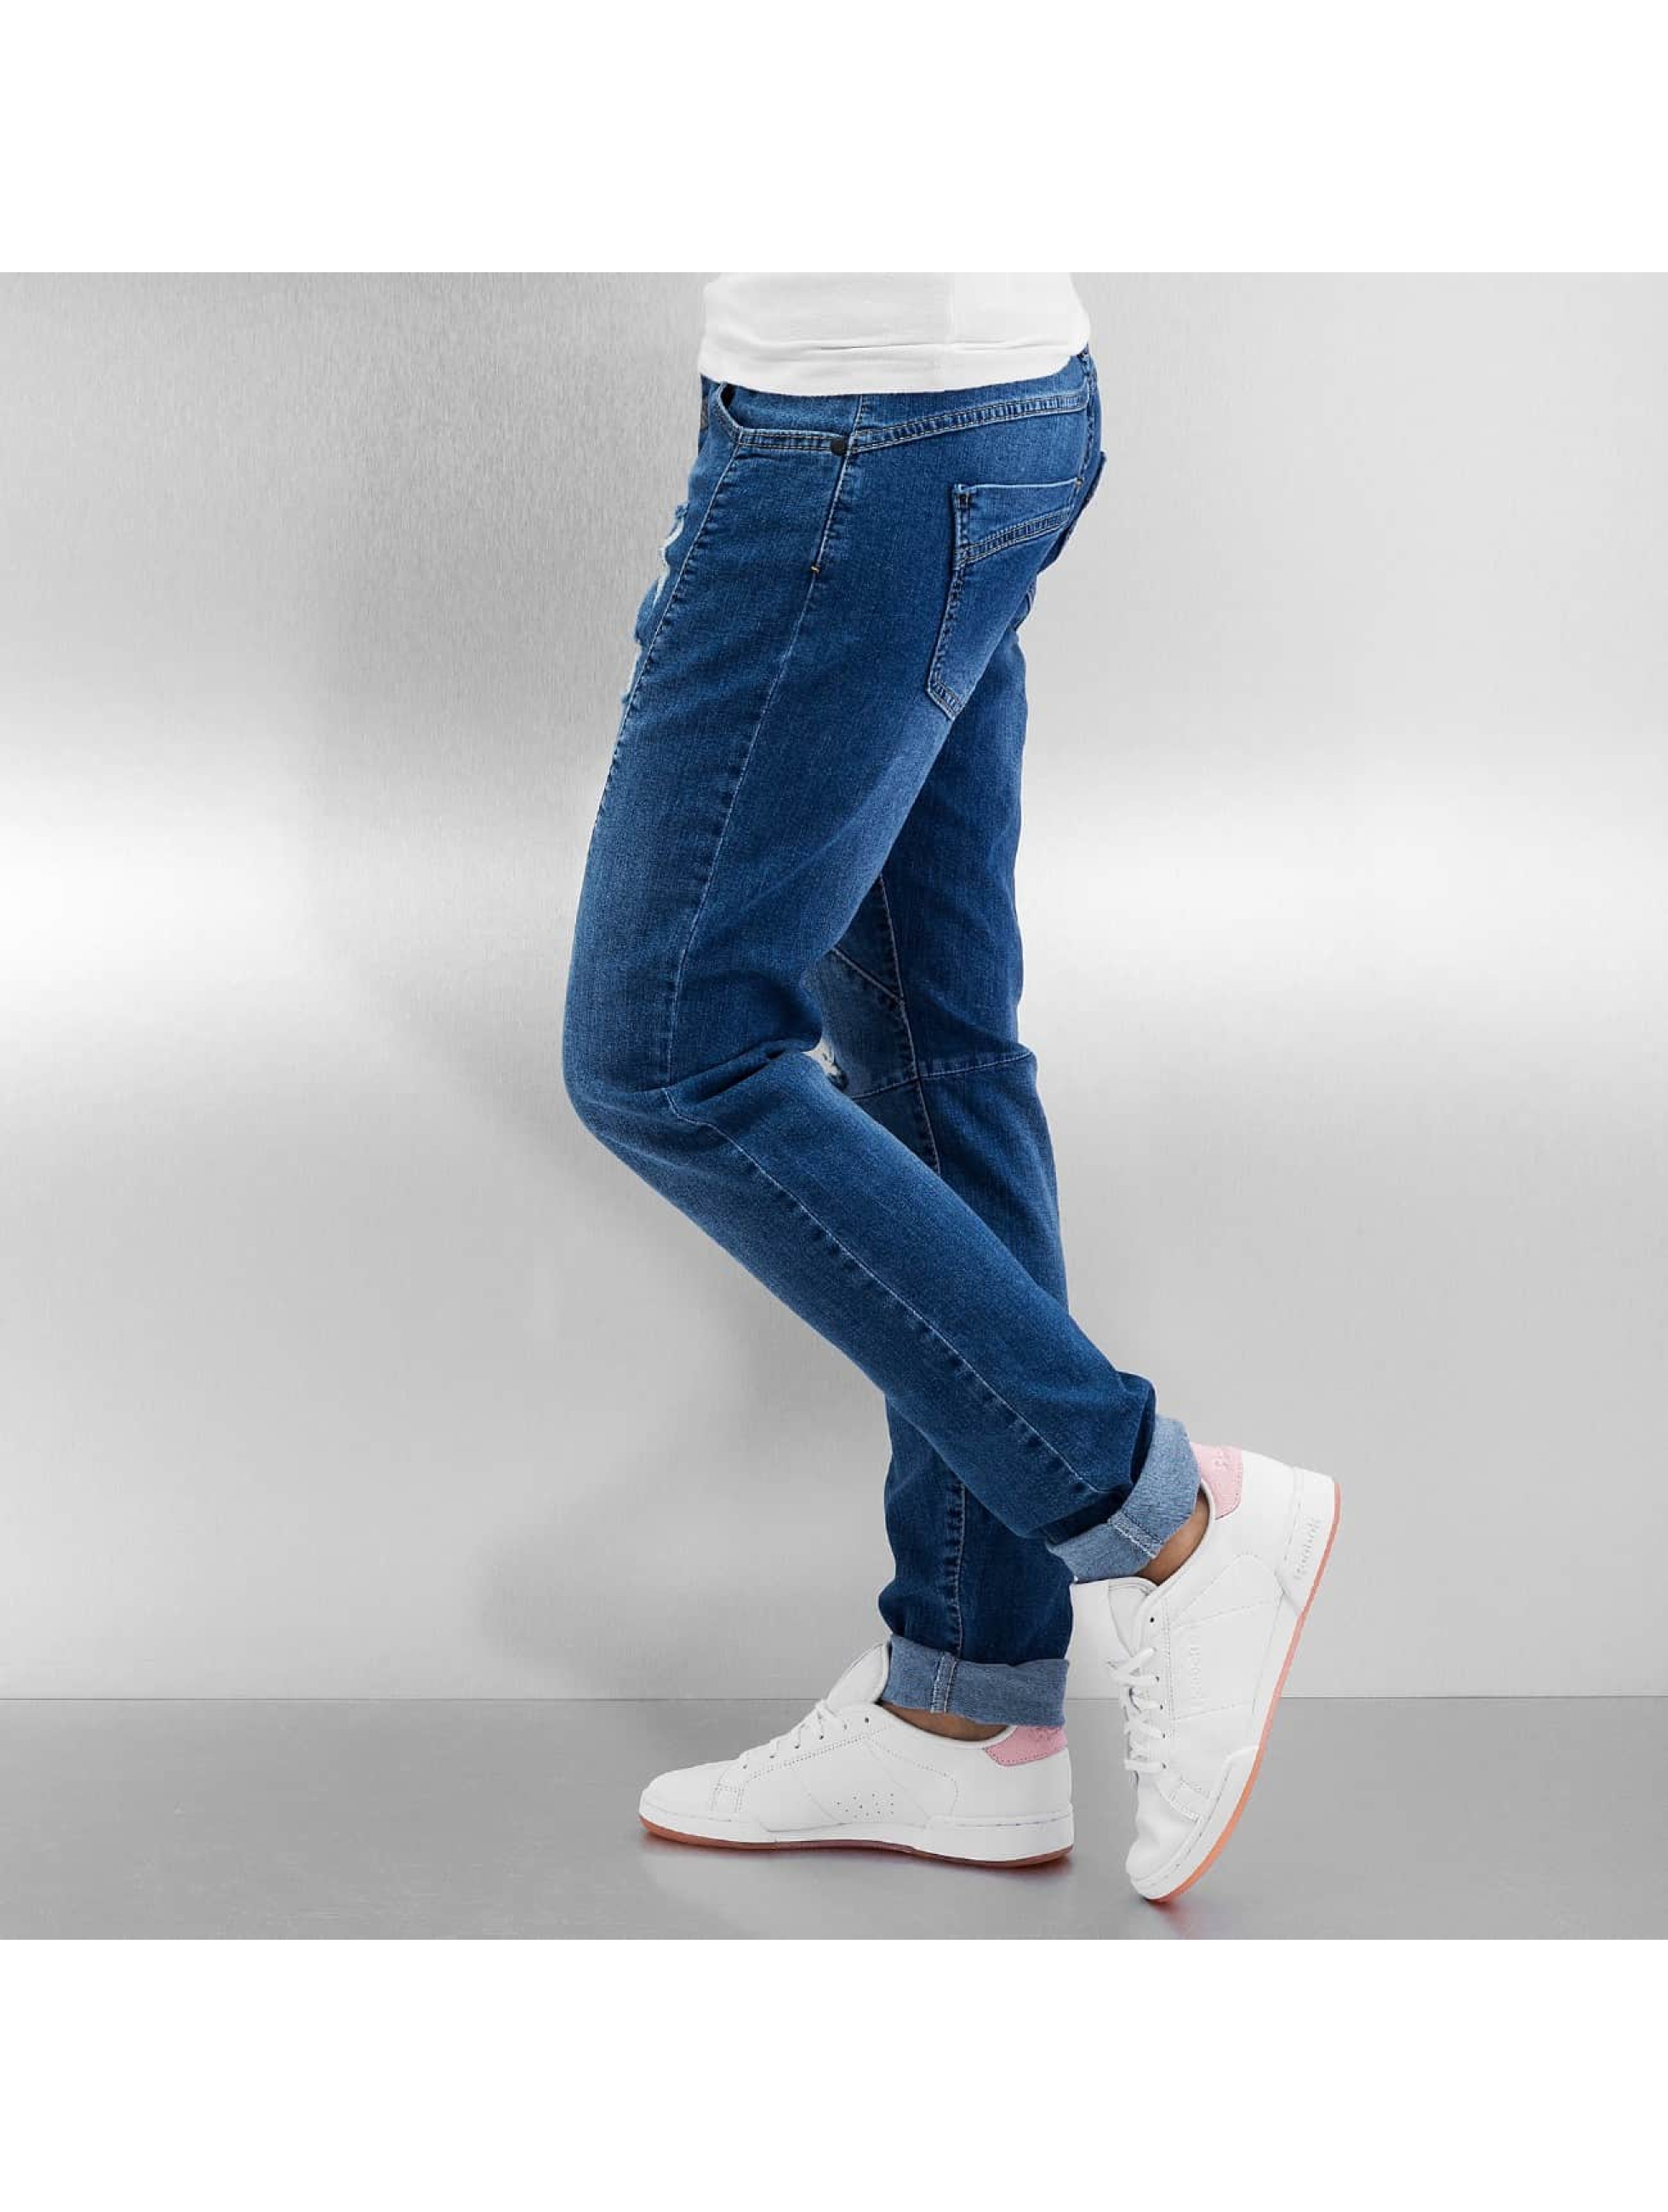 Just-Rhyse-Femme-Jeans-Jean-Boyfriend-Used